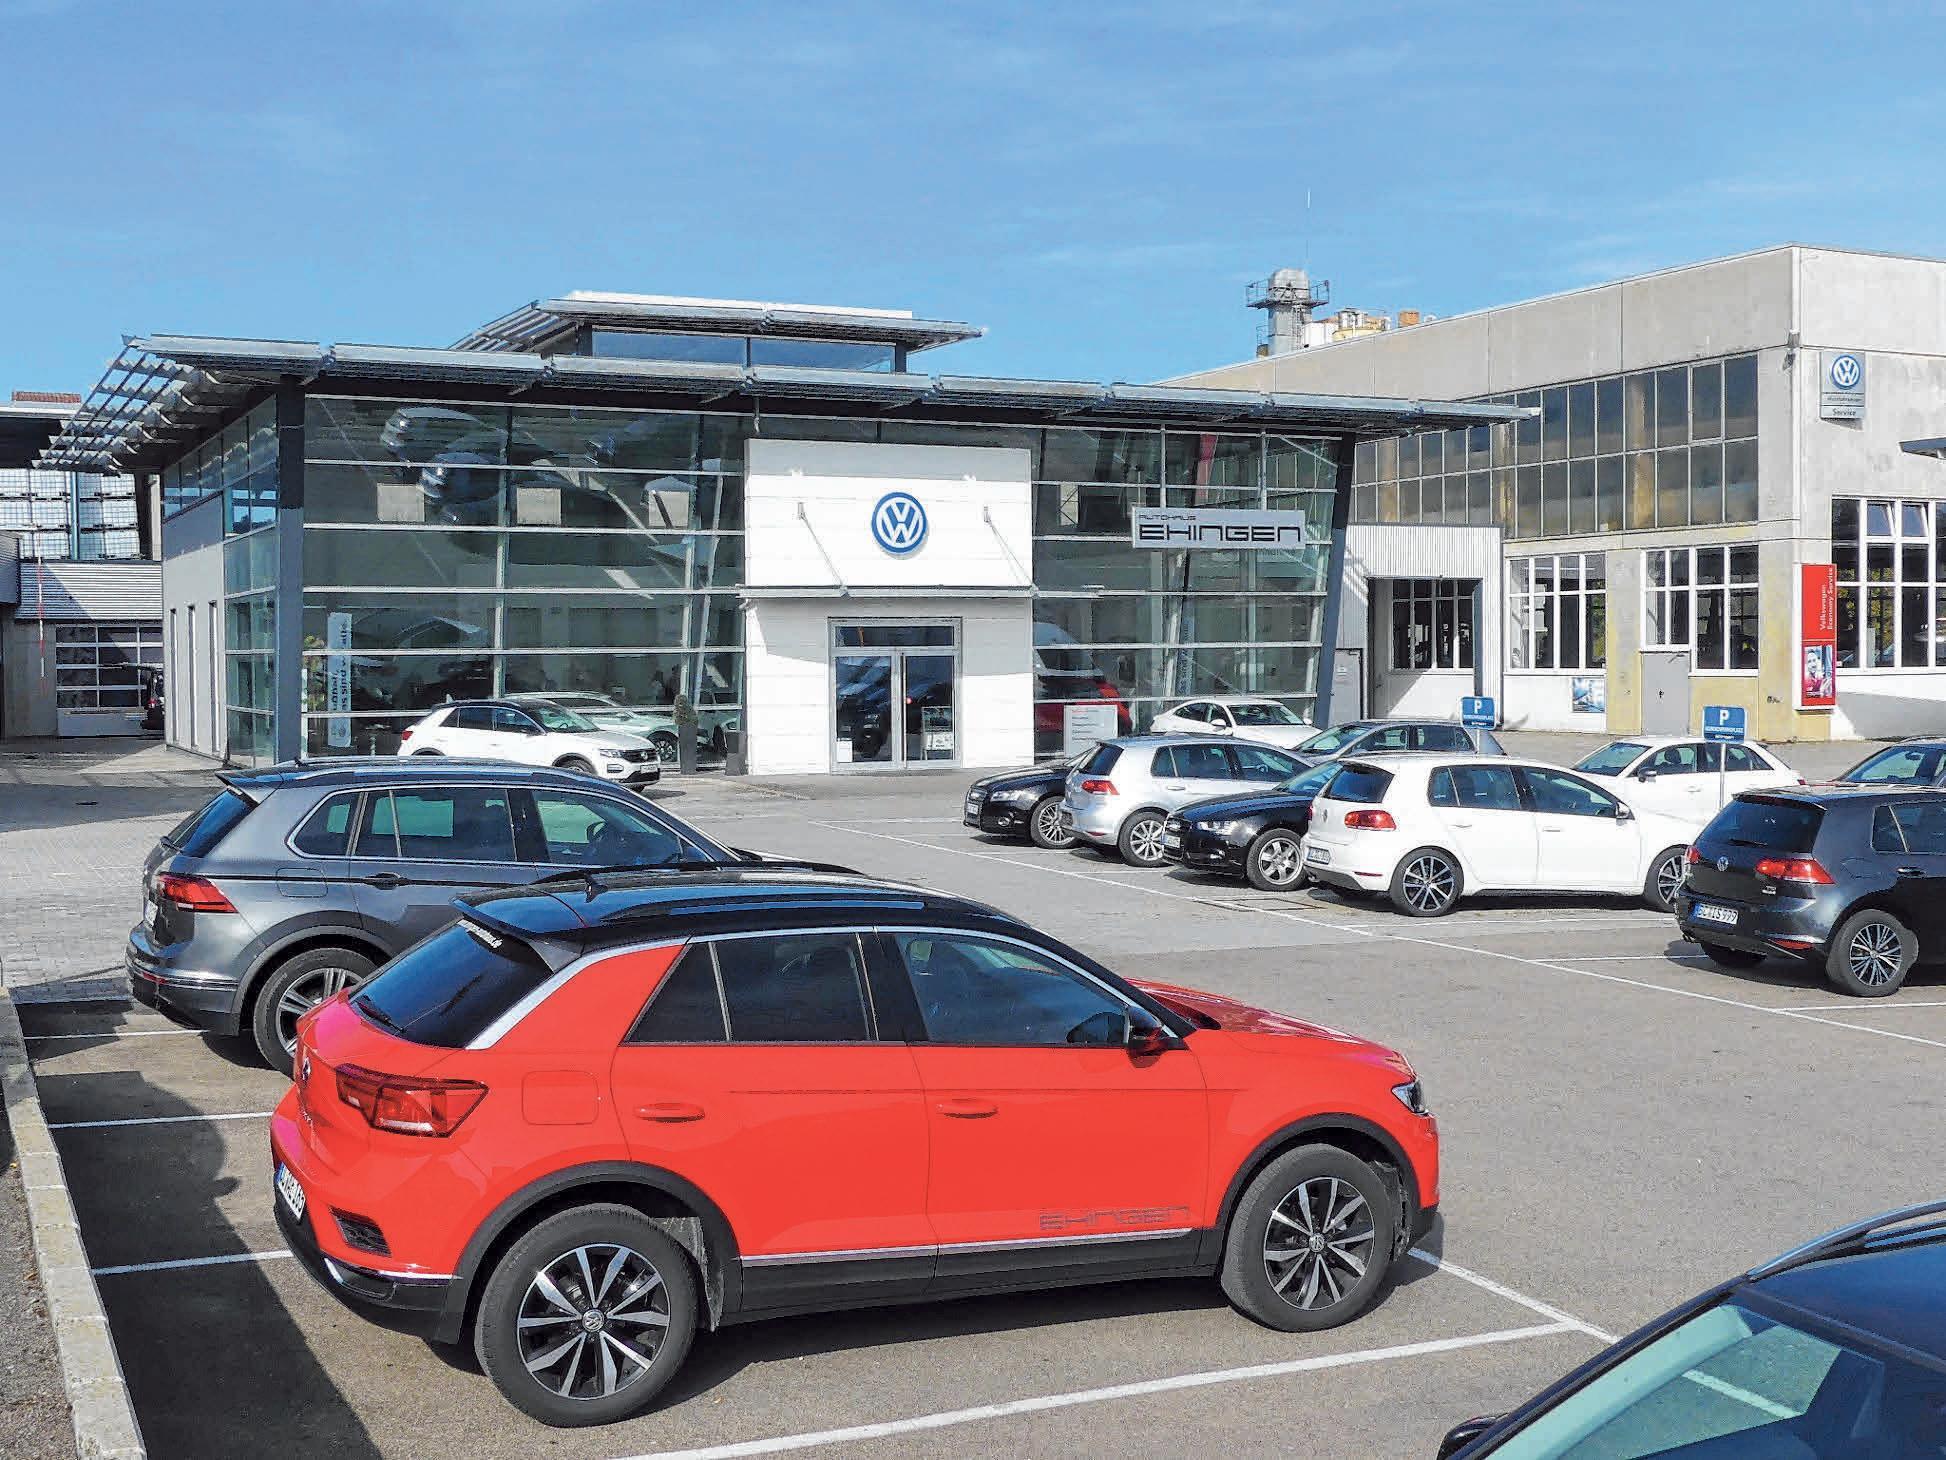 Im Autohaus Ehingen kann man am Sonntag viele neue Modelle bestaunen. FOTOS: KARL-HEINZ BURGHART